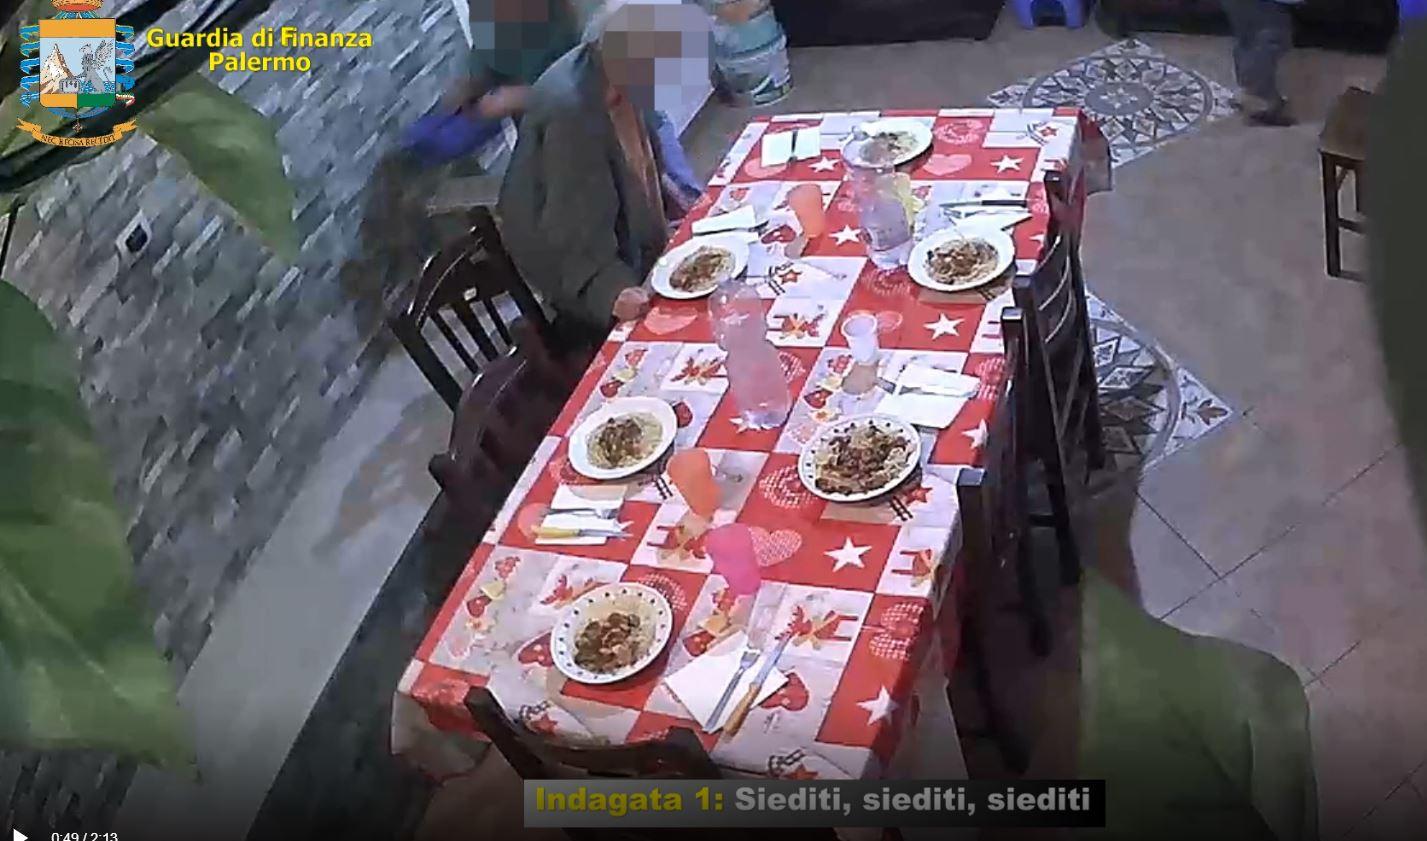 Maltrattamenti in casa di riposo a Palermo